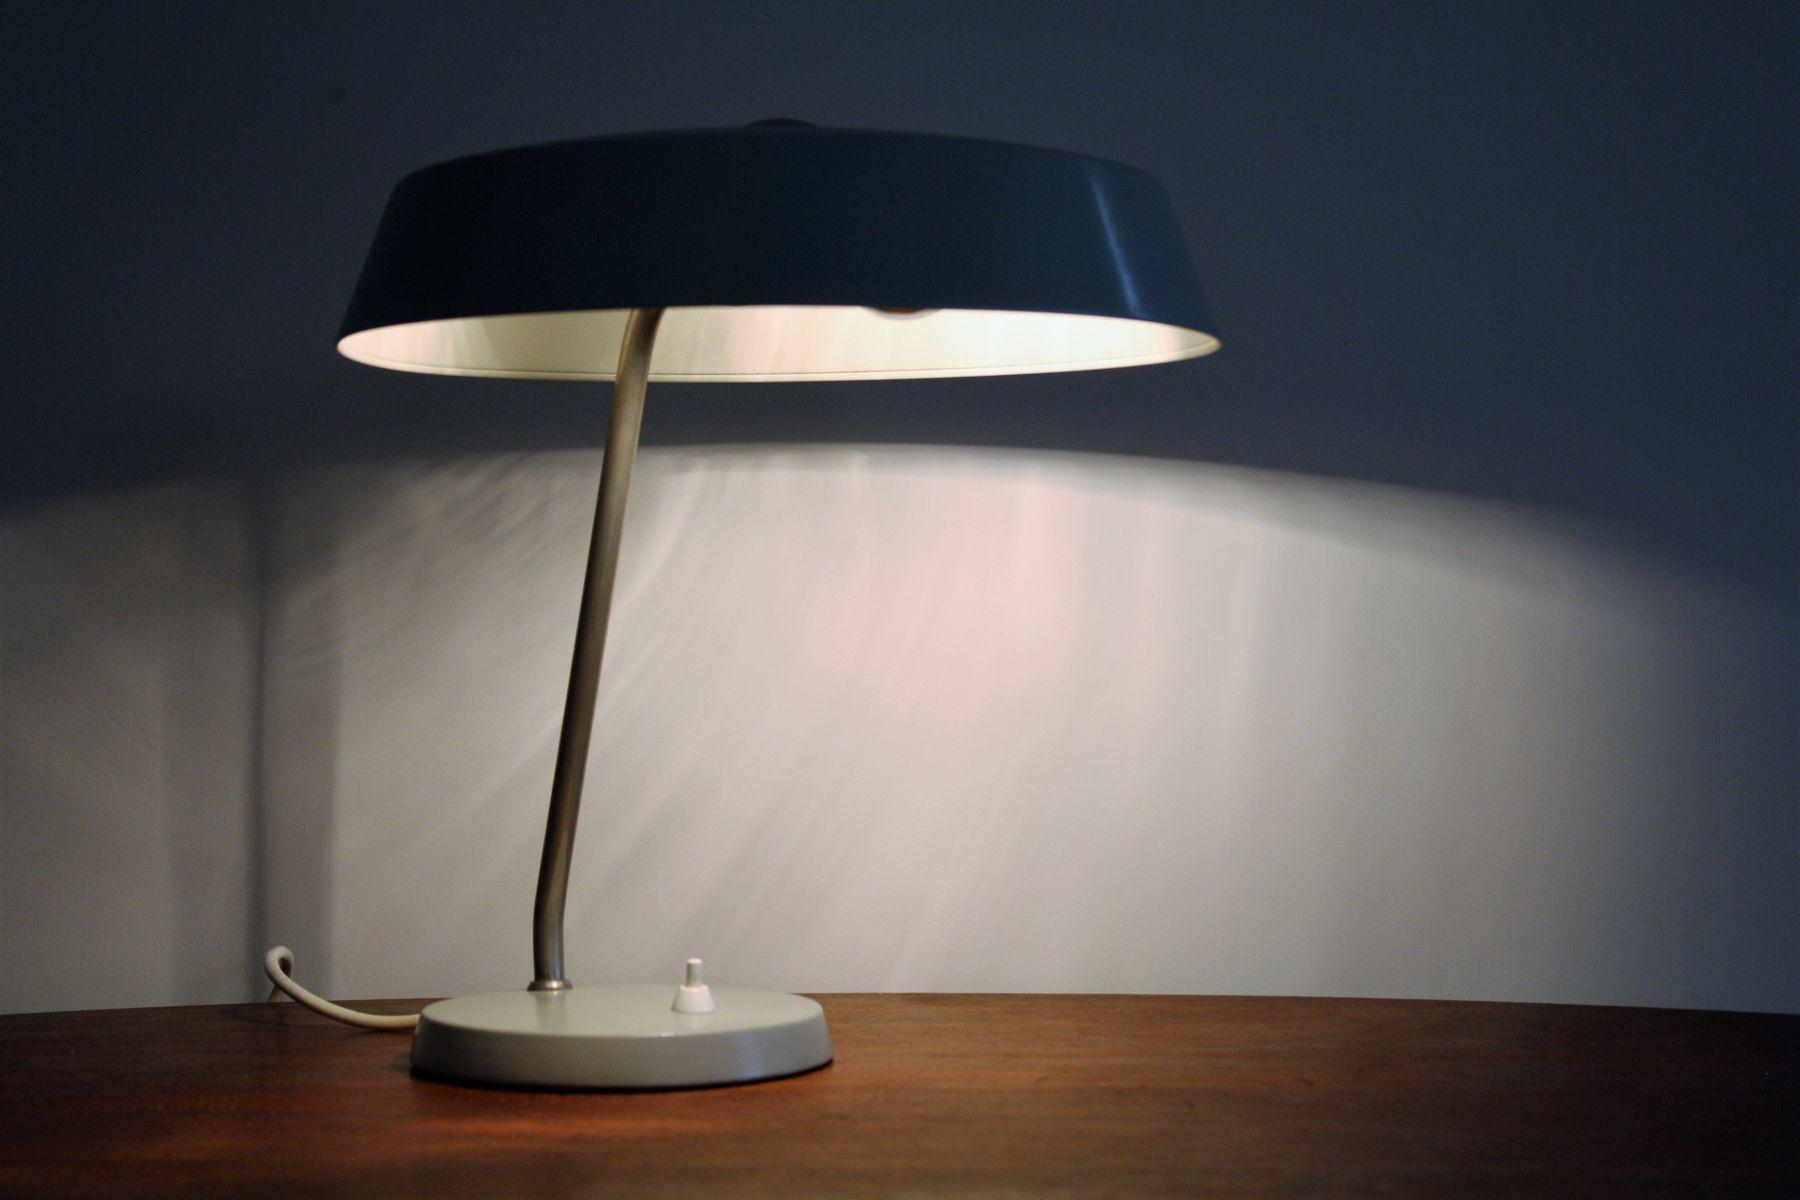 lampe de bureau grise vintage par louis kalff pour philips 1960s en vente sur pamono. Black Bedroom Furniture Sets. Home Design Ideas